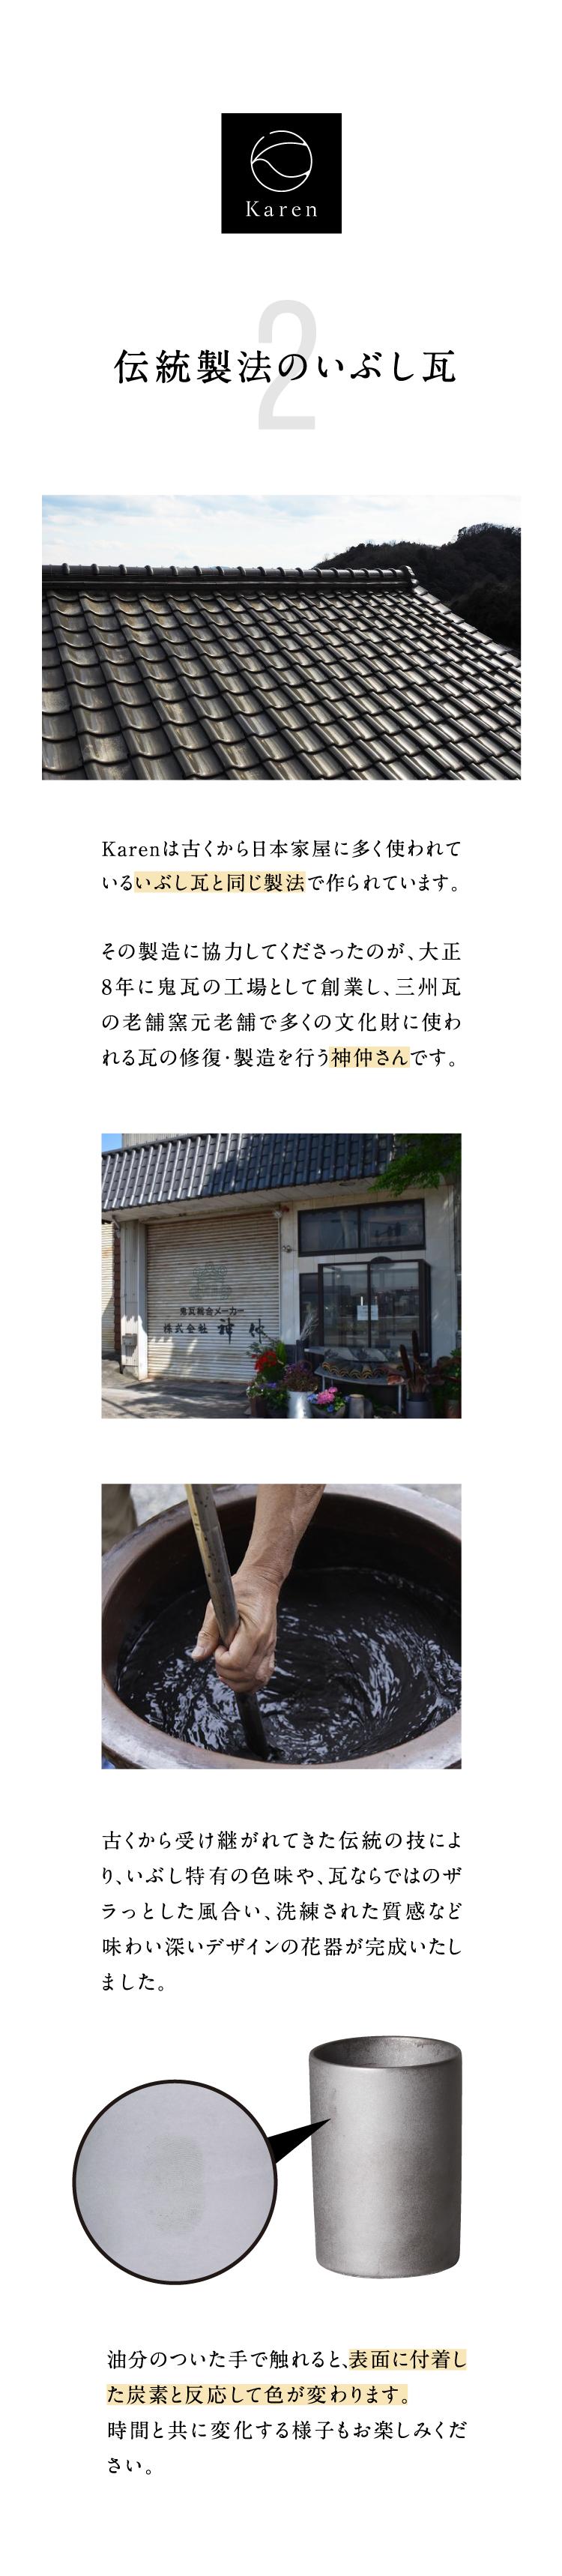 2.伝統製法のいぶし瓦